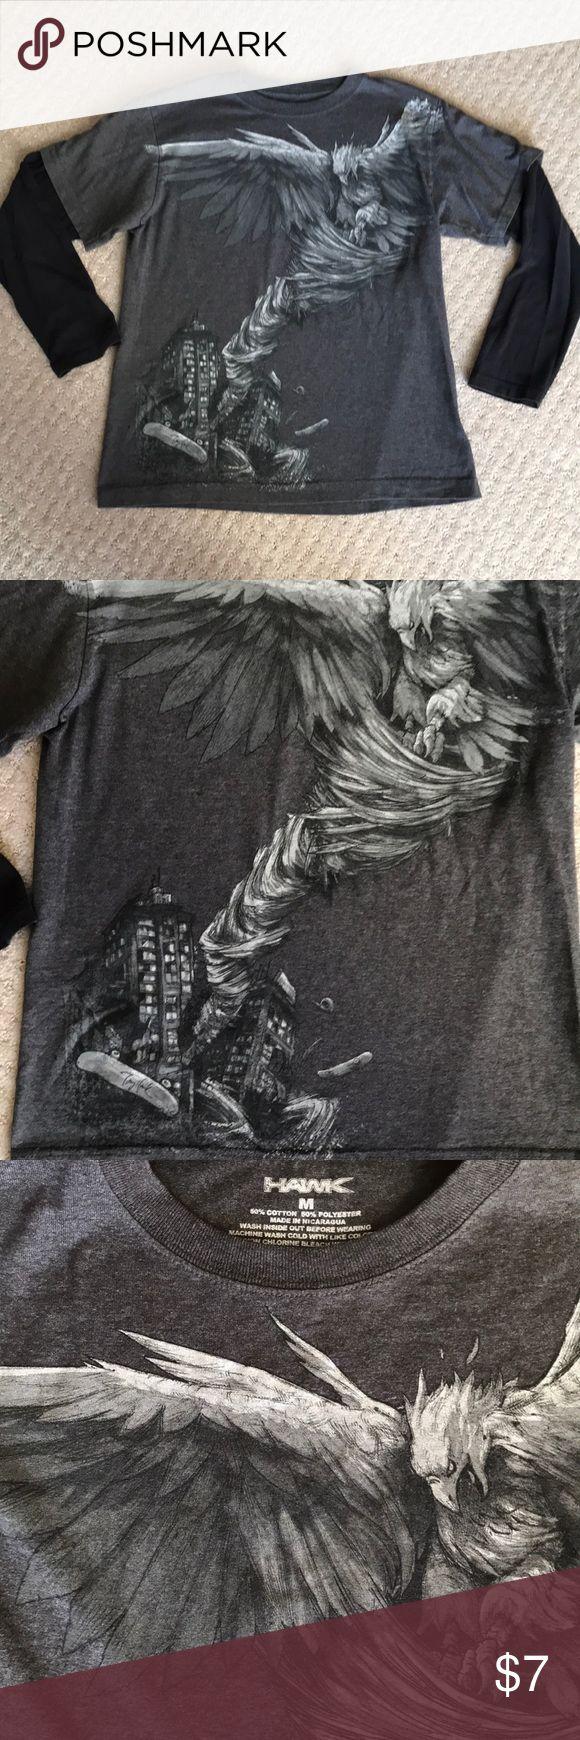 Tony Hawk Boys Long Sleeve Tee Size Med Tony Hawk Long Sleeve Tee Size med.. I'd say number Size 10/12 Shirts & Tops Tees - Long Sleeve